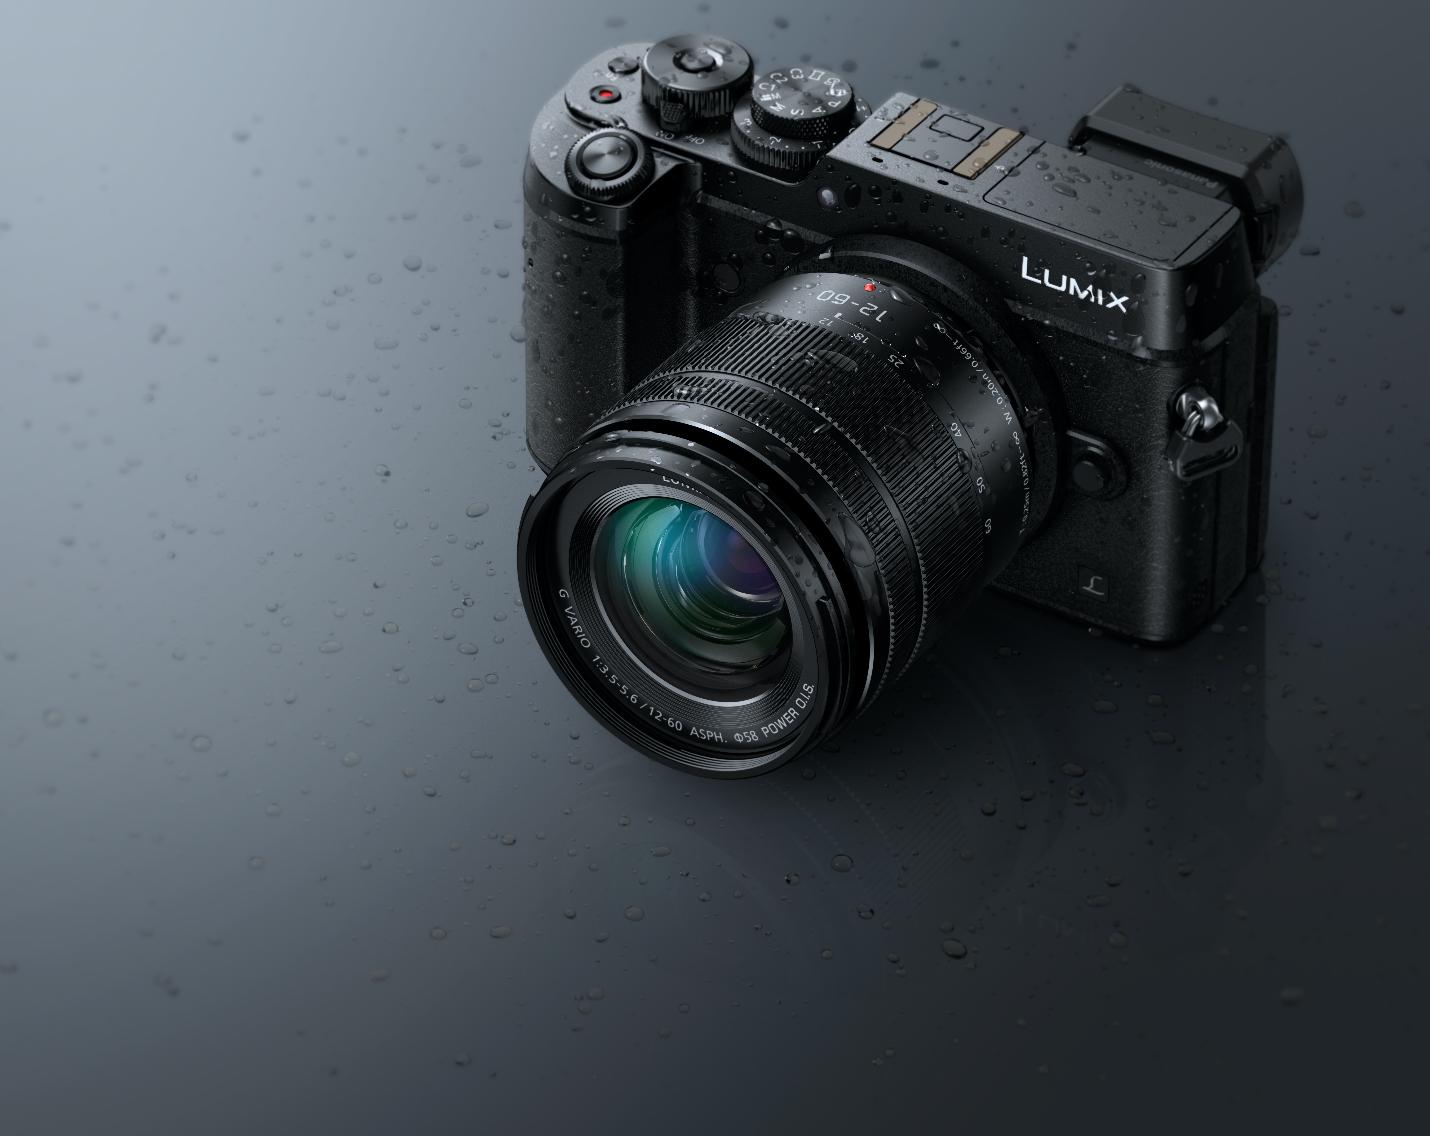 Presentamos el nuevo objetivo LUMIX G con zoom 12-60mm totalmente versátil